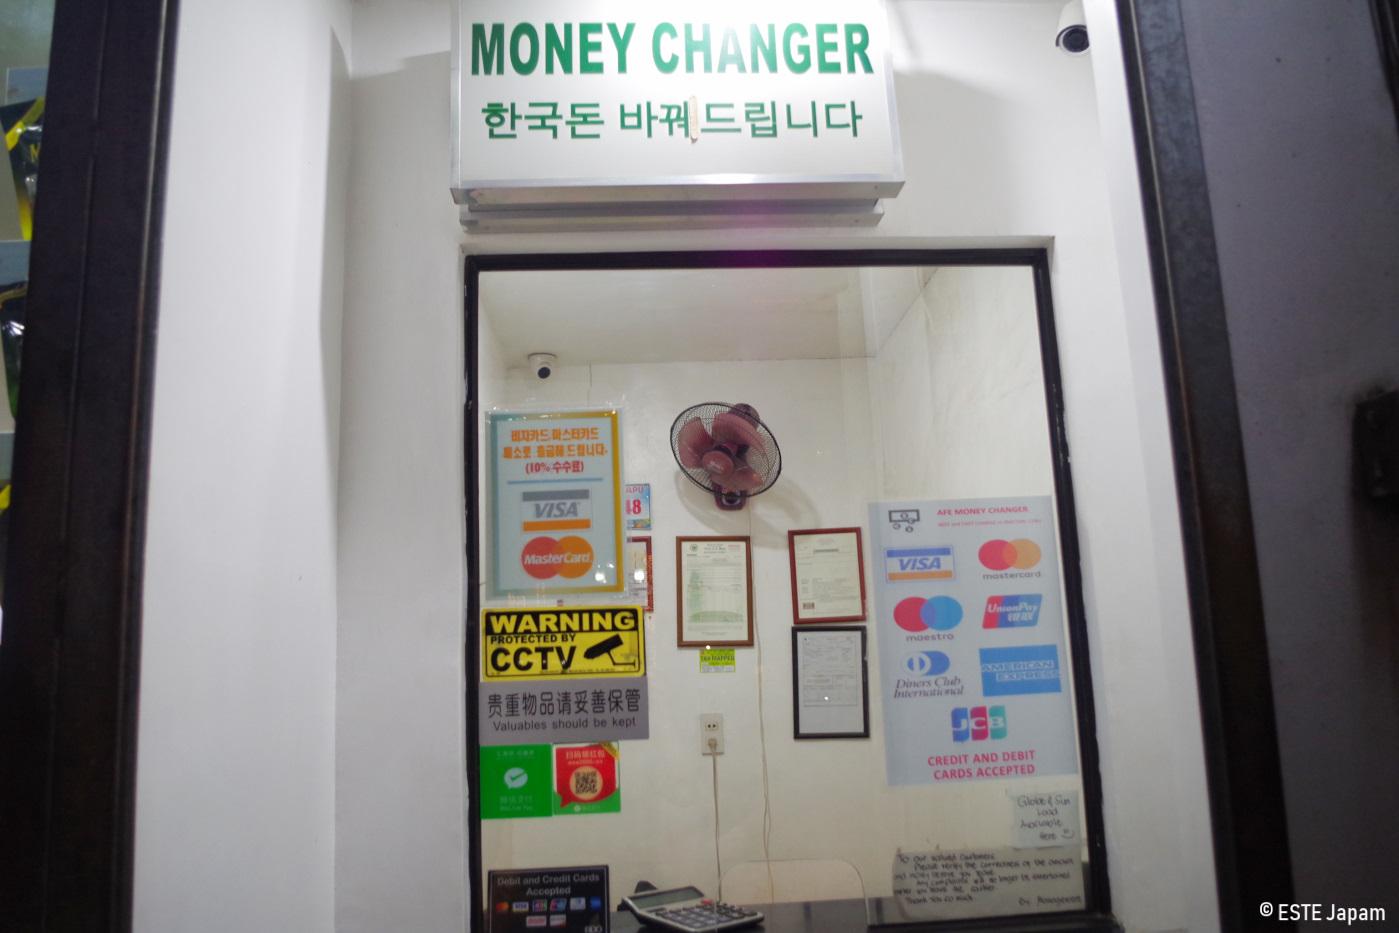 オイルツリーのクレジットカード使用表示